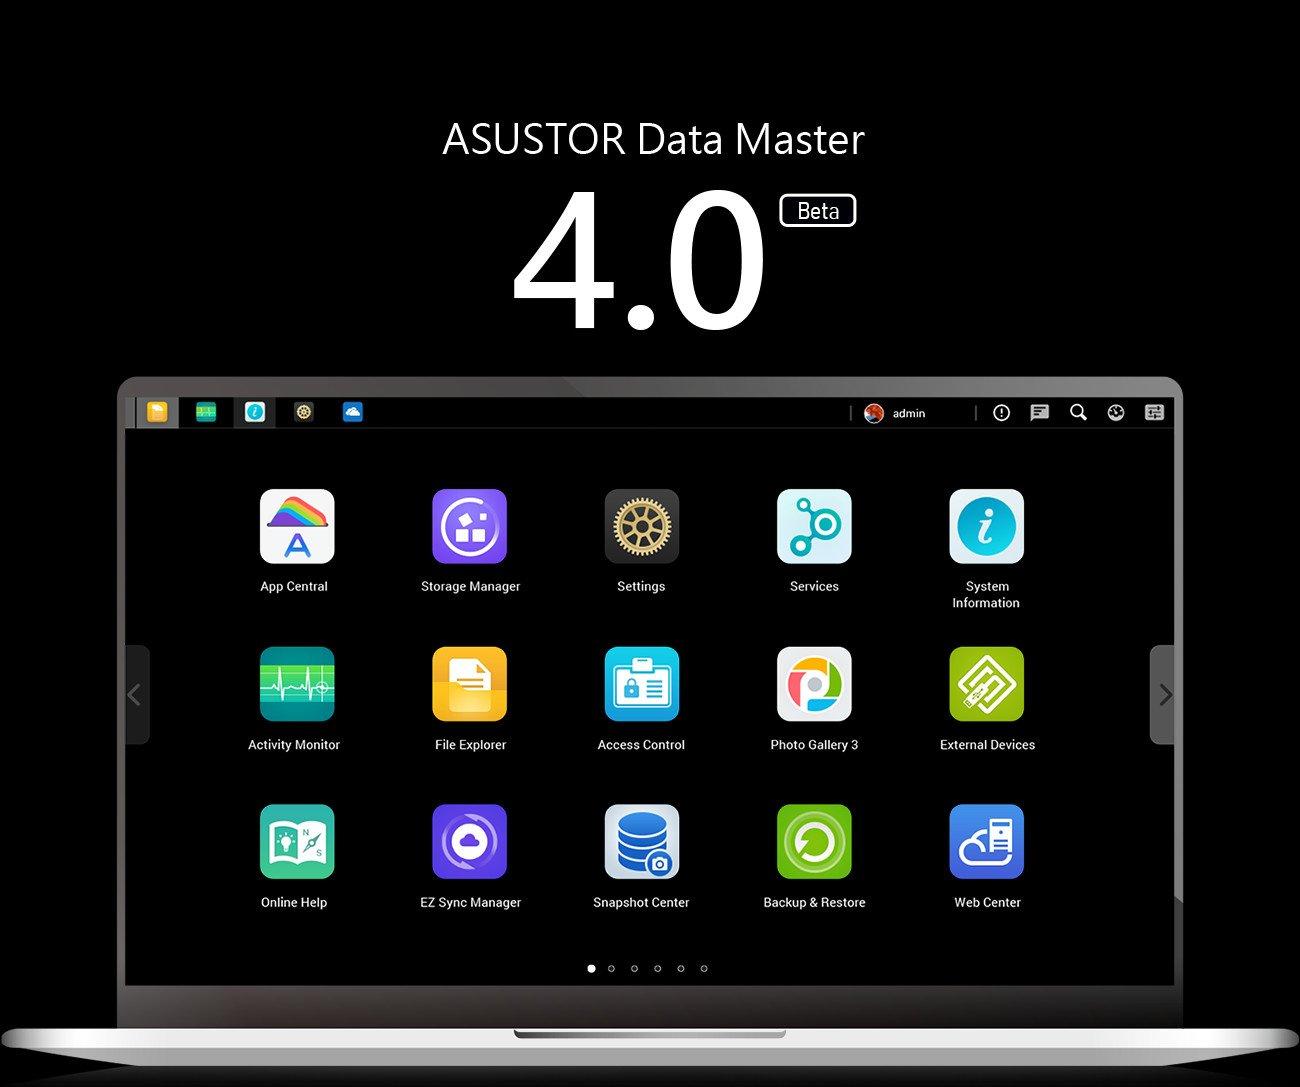 ASUSTOR annuncia la disponibilità di ADM 4.0 Beta